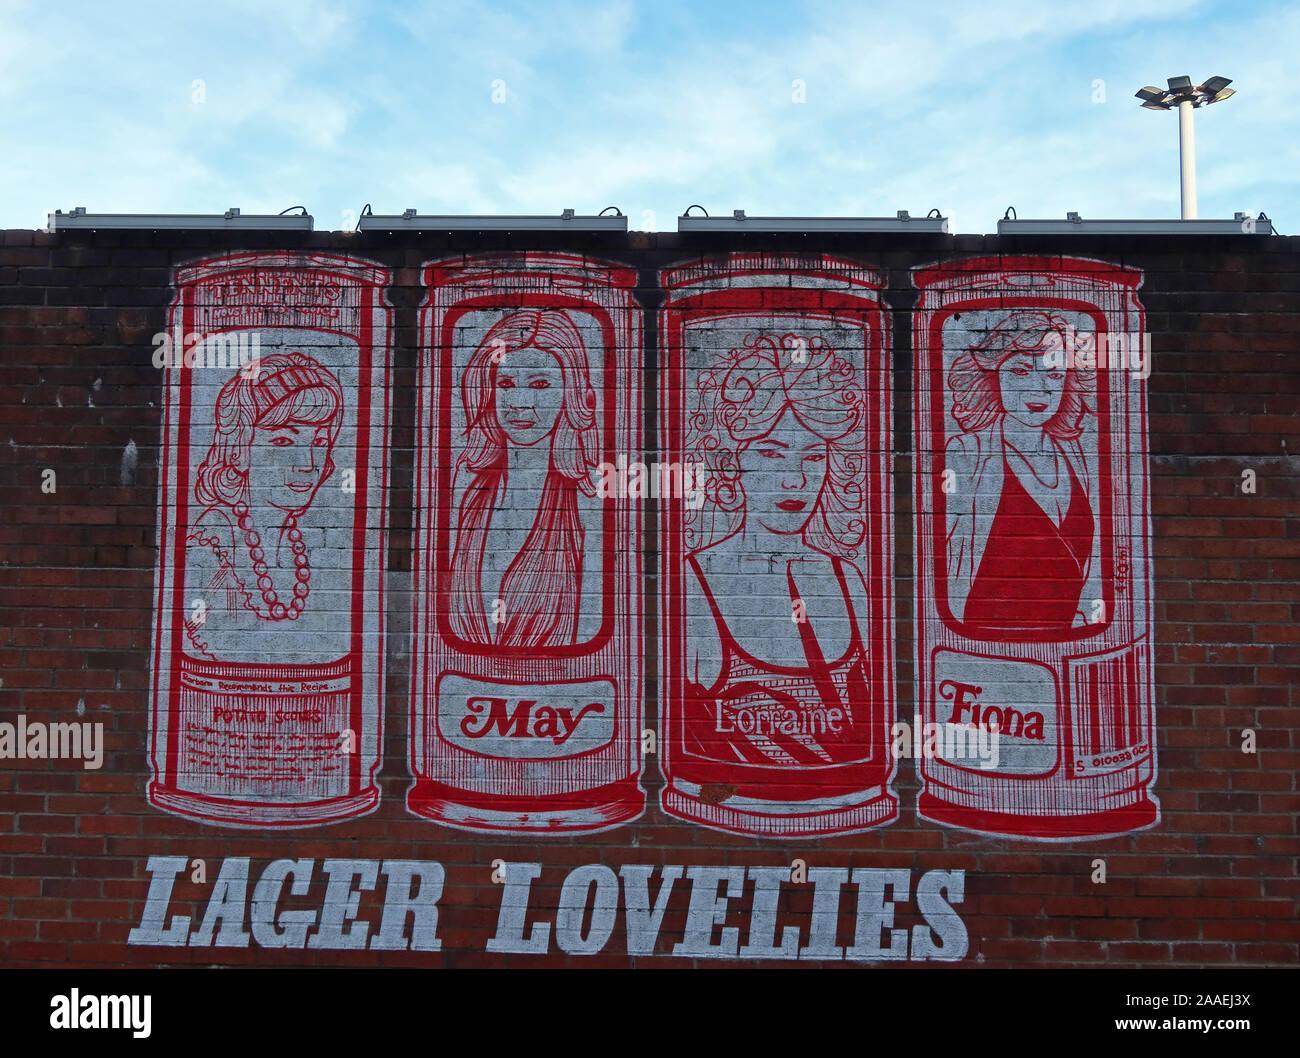 Dieses Stockfoto: Tennents Lager Lovelies, Frauen auf Dosen des Schottischen Lagerbier, Fiona, Mai, Malerei artwork Glasgow East End, verboten, Dosen, Hausfrauen Wahl - 2AAEJ3